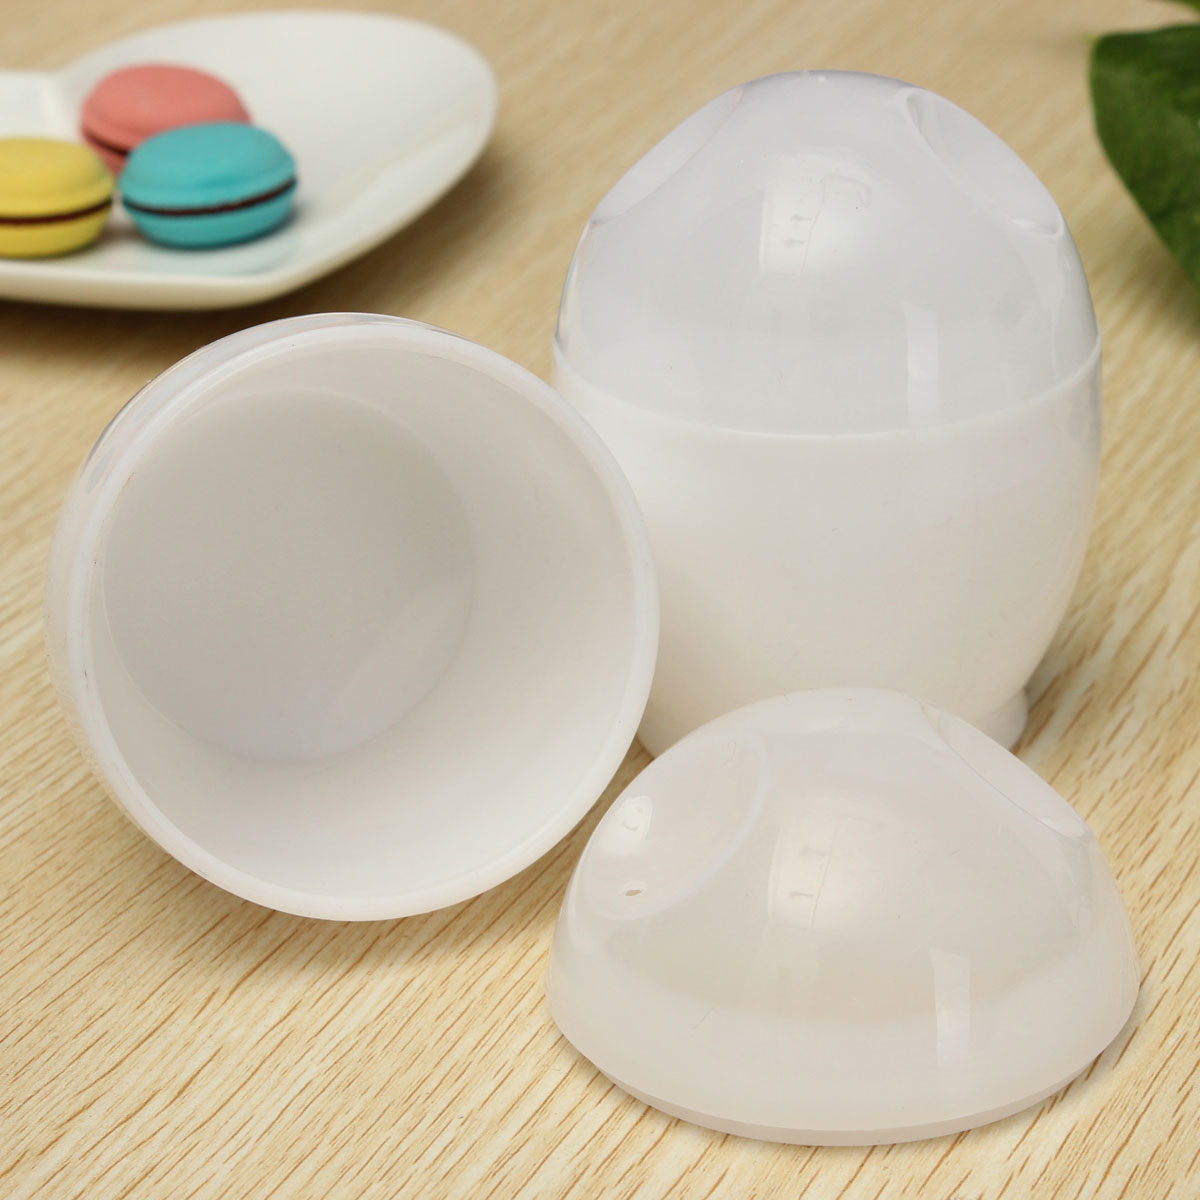 2 stk eierkocher eierbecher eierkochen eier kochen f r mikrowelle kunststoff neu ebay - Eier kochen mikrowelle ...